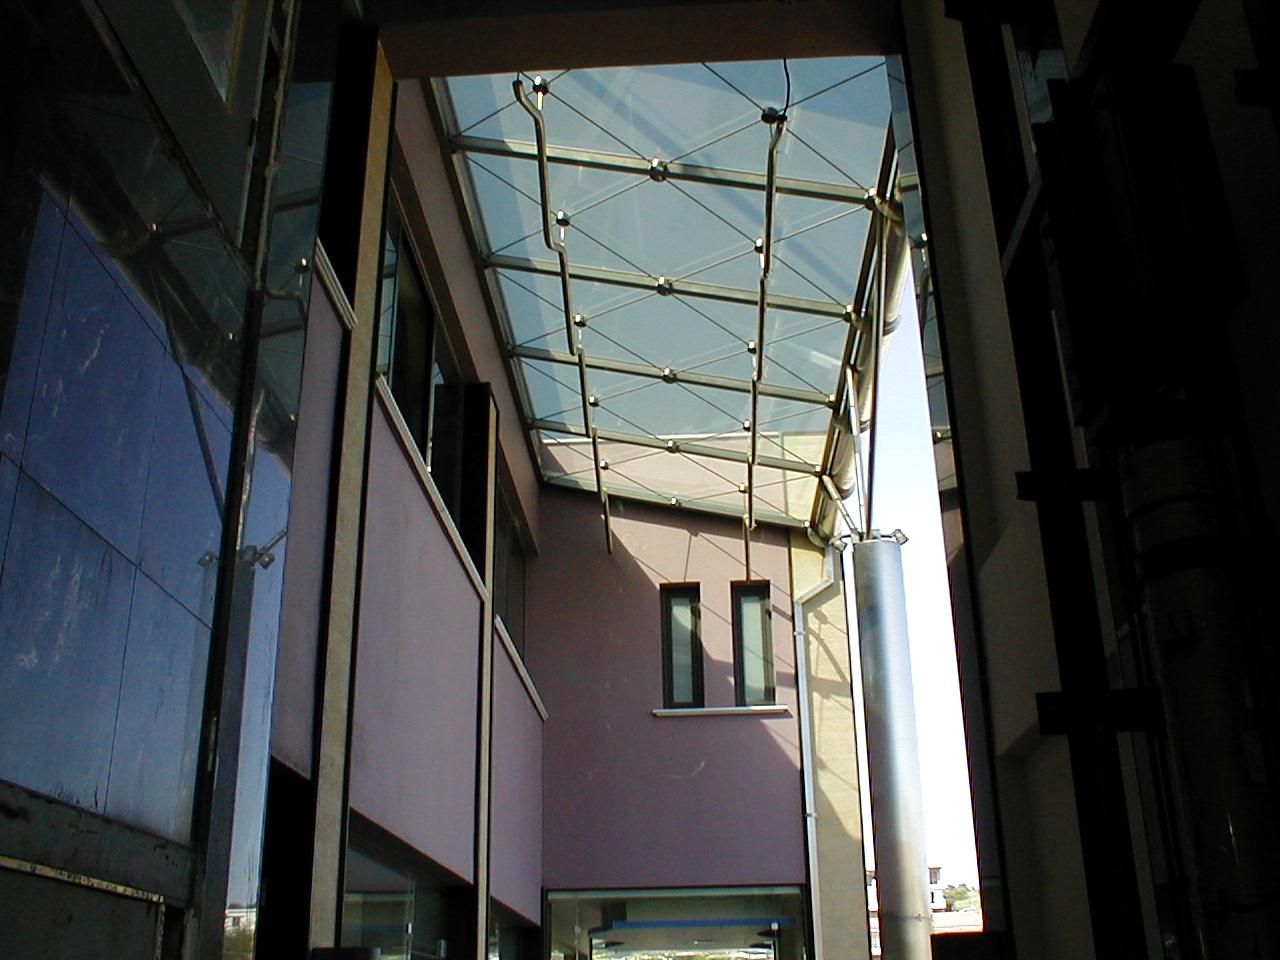 Οροφή διαδρόμου - Corridor ceiling